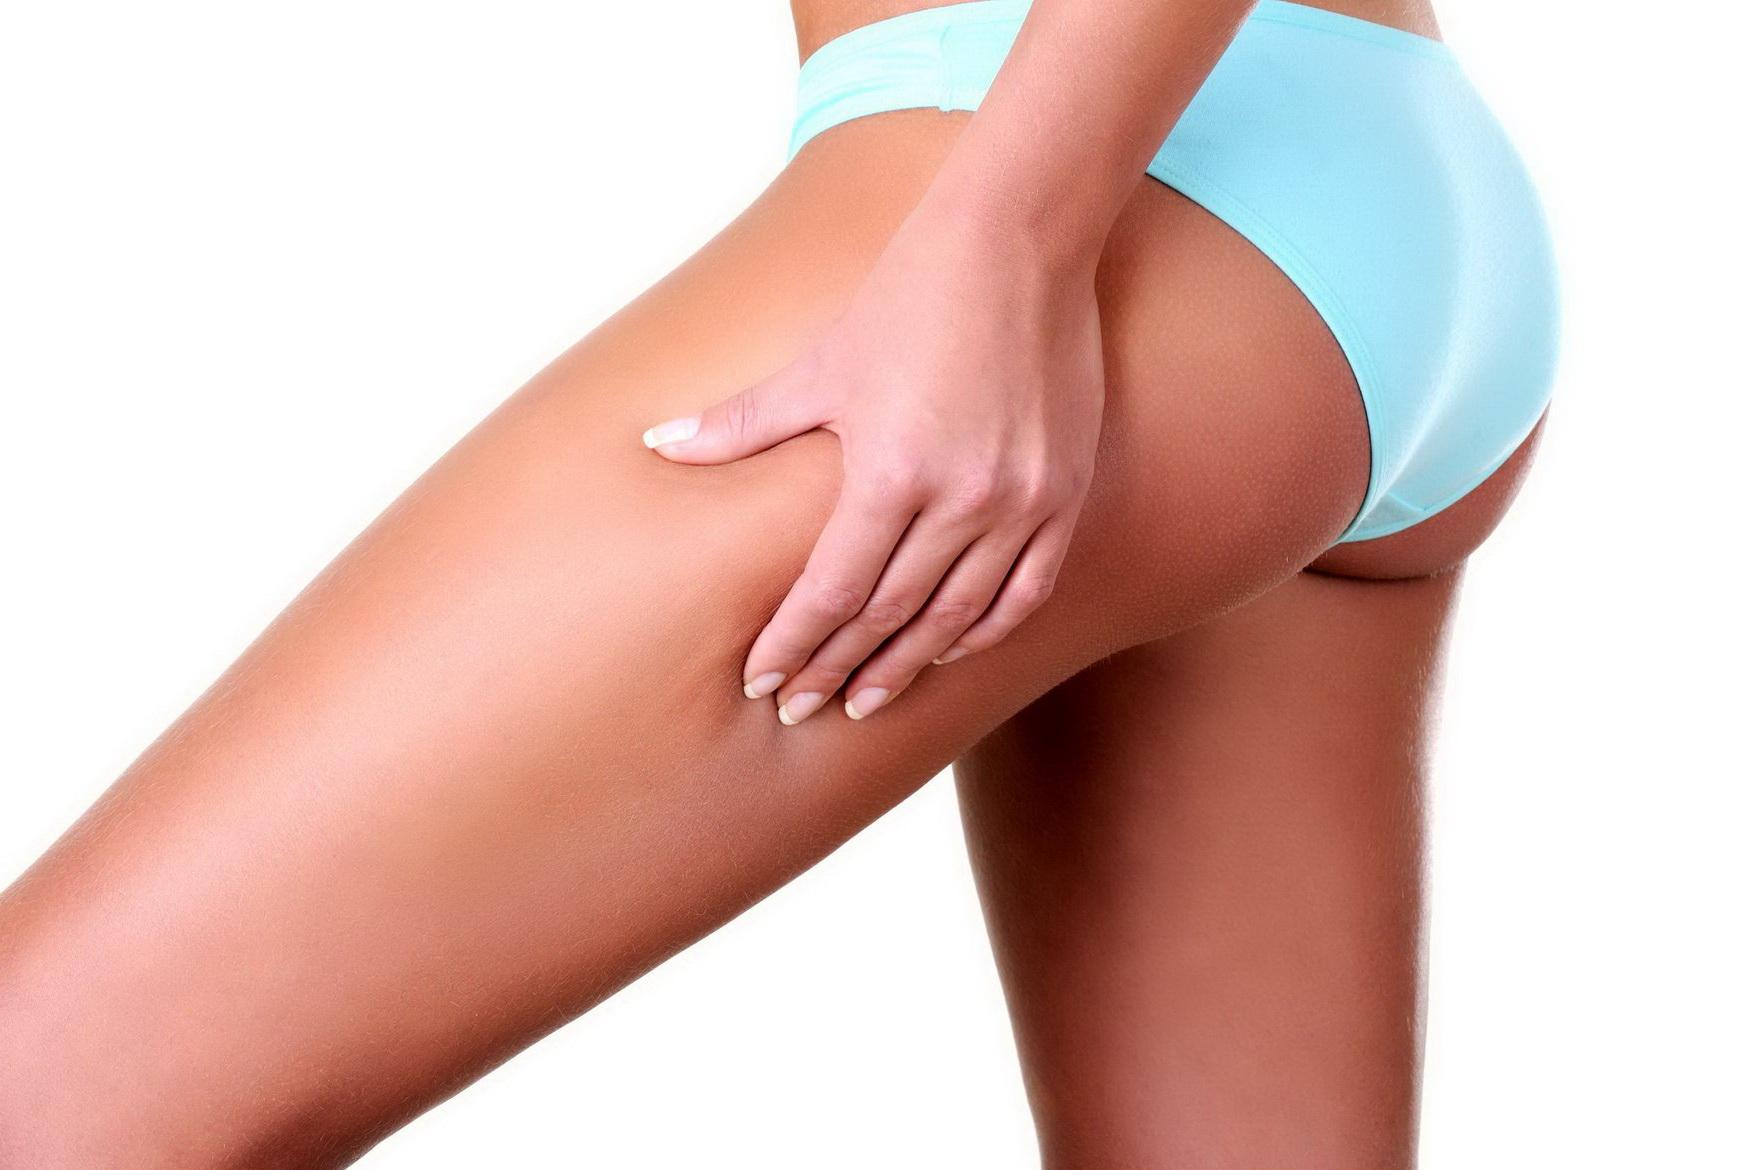 Как бороться с дряблостью кожи тела целлюлитом